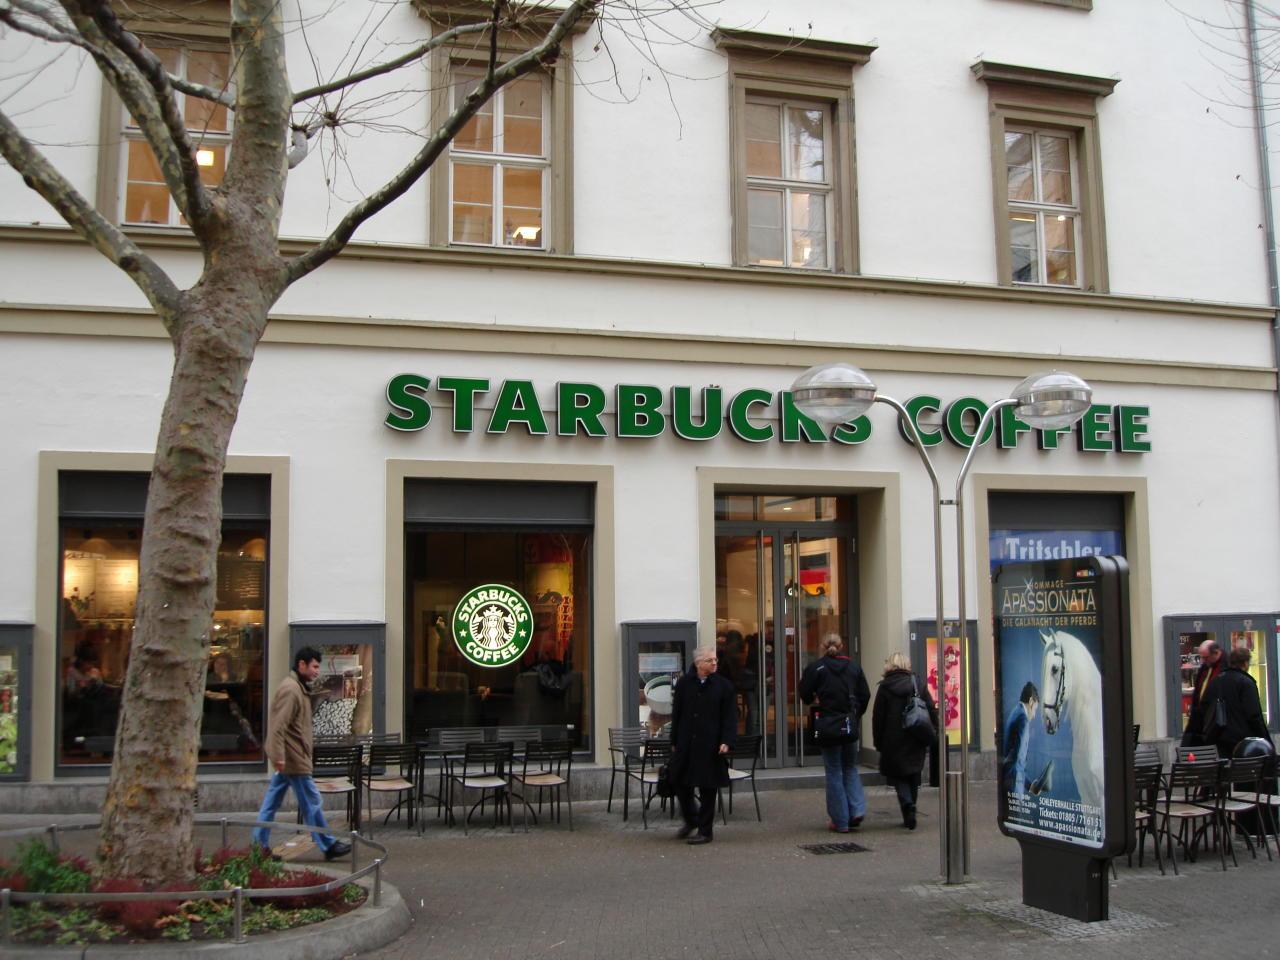 Desde para barista hasta para gerente de una tienda, Starbucks cuenta actualmente con diversos puestos de trabajo a los que es posible acceder sin ser graduado. Glassdoor le otorga una calificación de 3,8. (Foto: Wikimedia Commons).